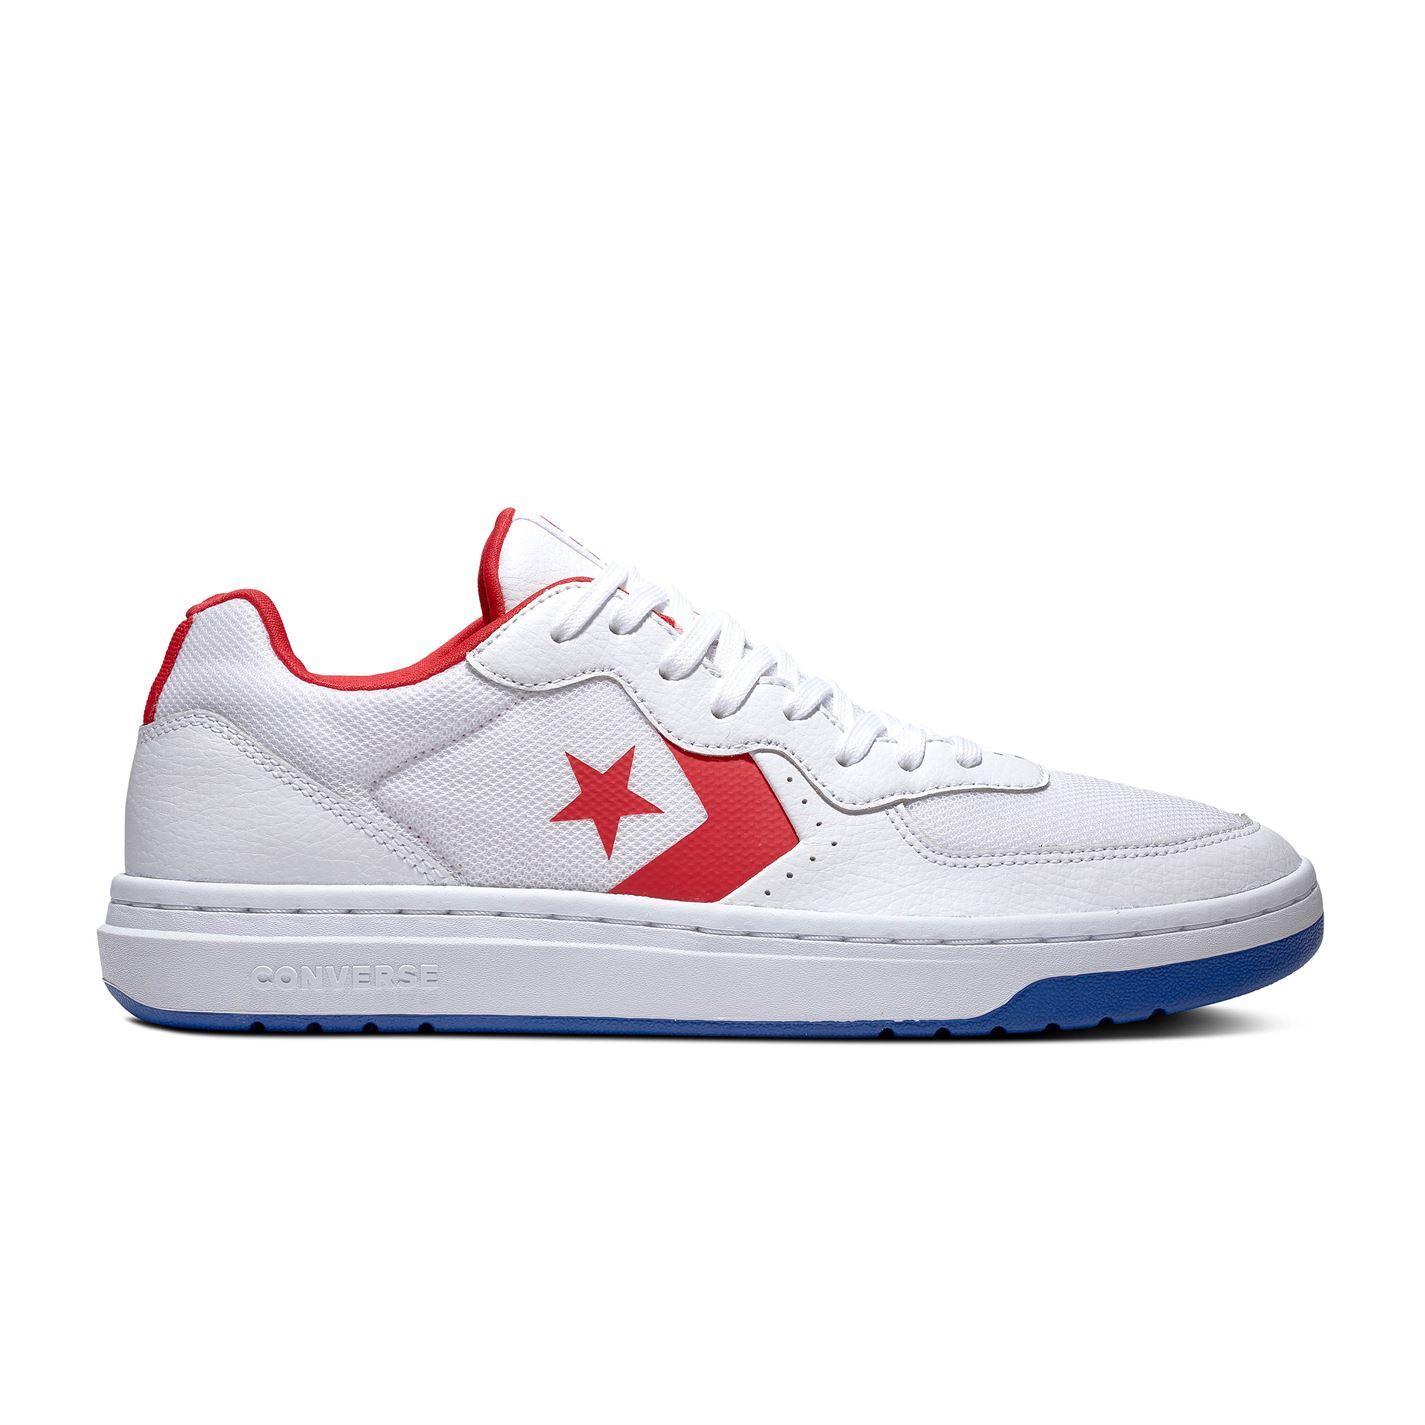 Converse-Rival-Baskets-Pour-Homme-Chaussures-De-Loisirs-Chaussures-Baskets miniature 27